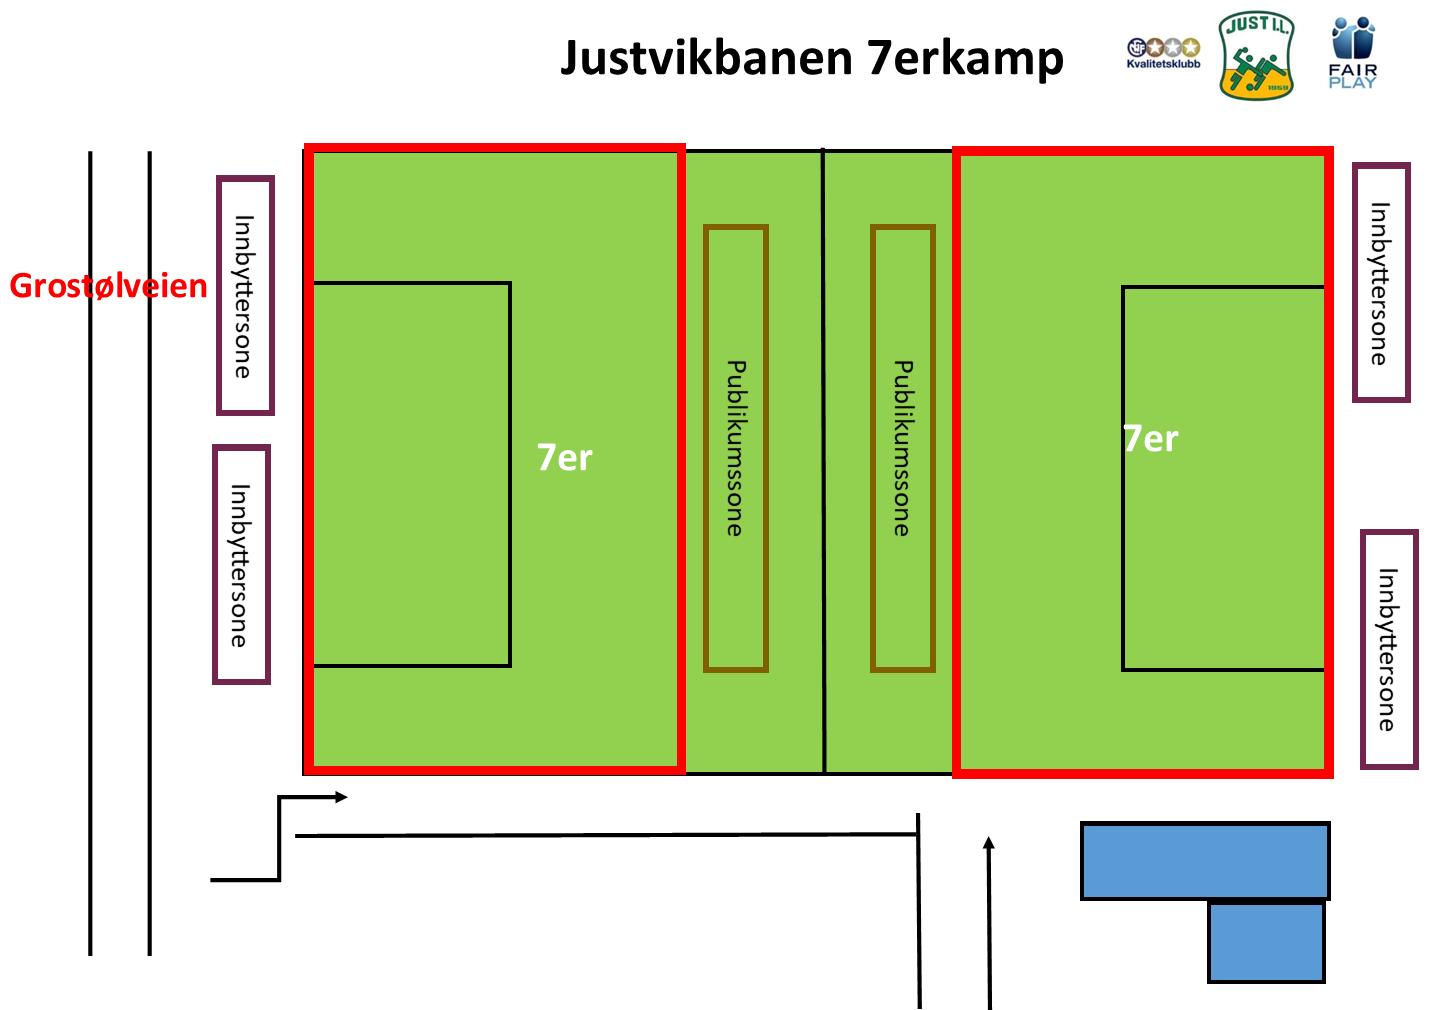 Baneinndeling Justvikbanen 7erkamper